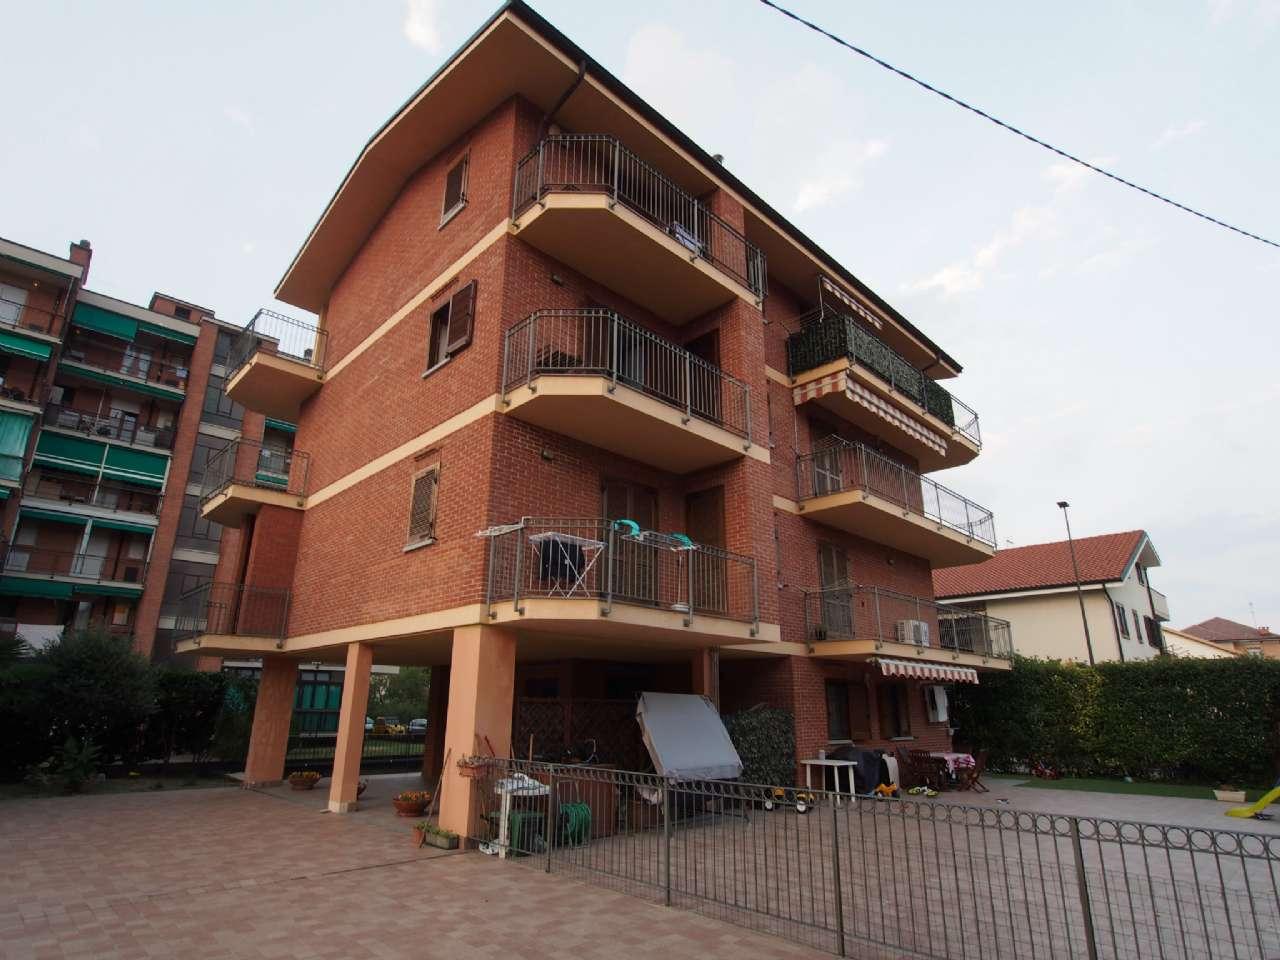 Appartamento in vendita a Rivoli, 2 locali, zona Località: RivoliViaCaselle, prezzo € 130.000 | CambioCasa.it